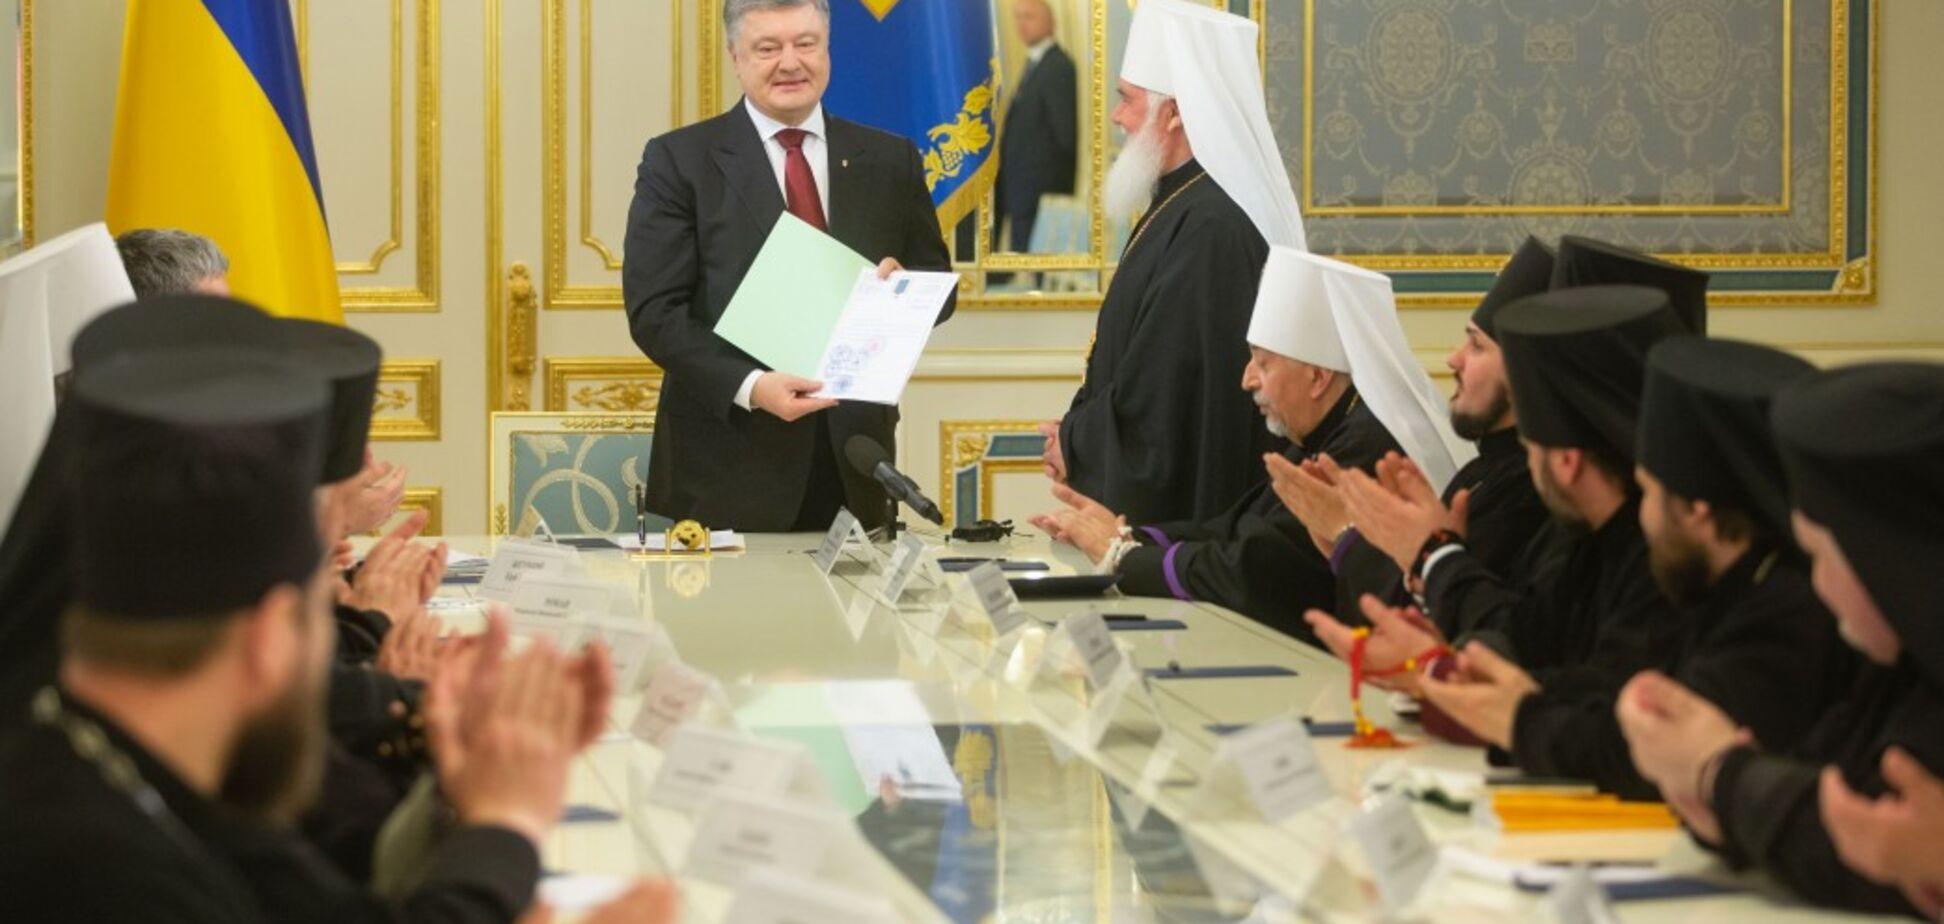 Единая православная церковь в Украине: Порошенко сообщил о сдвиге